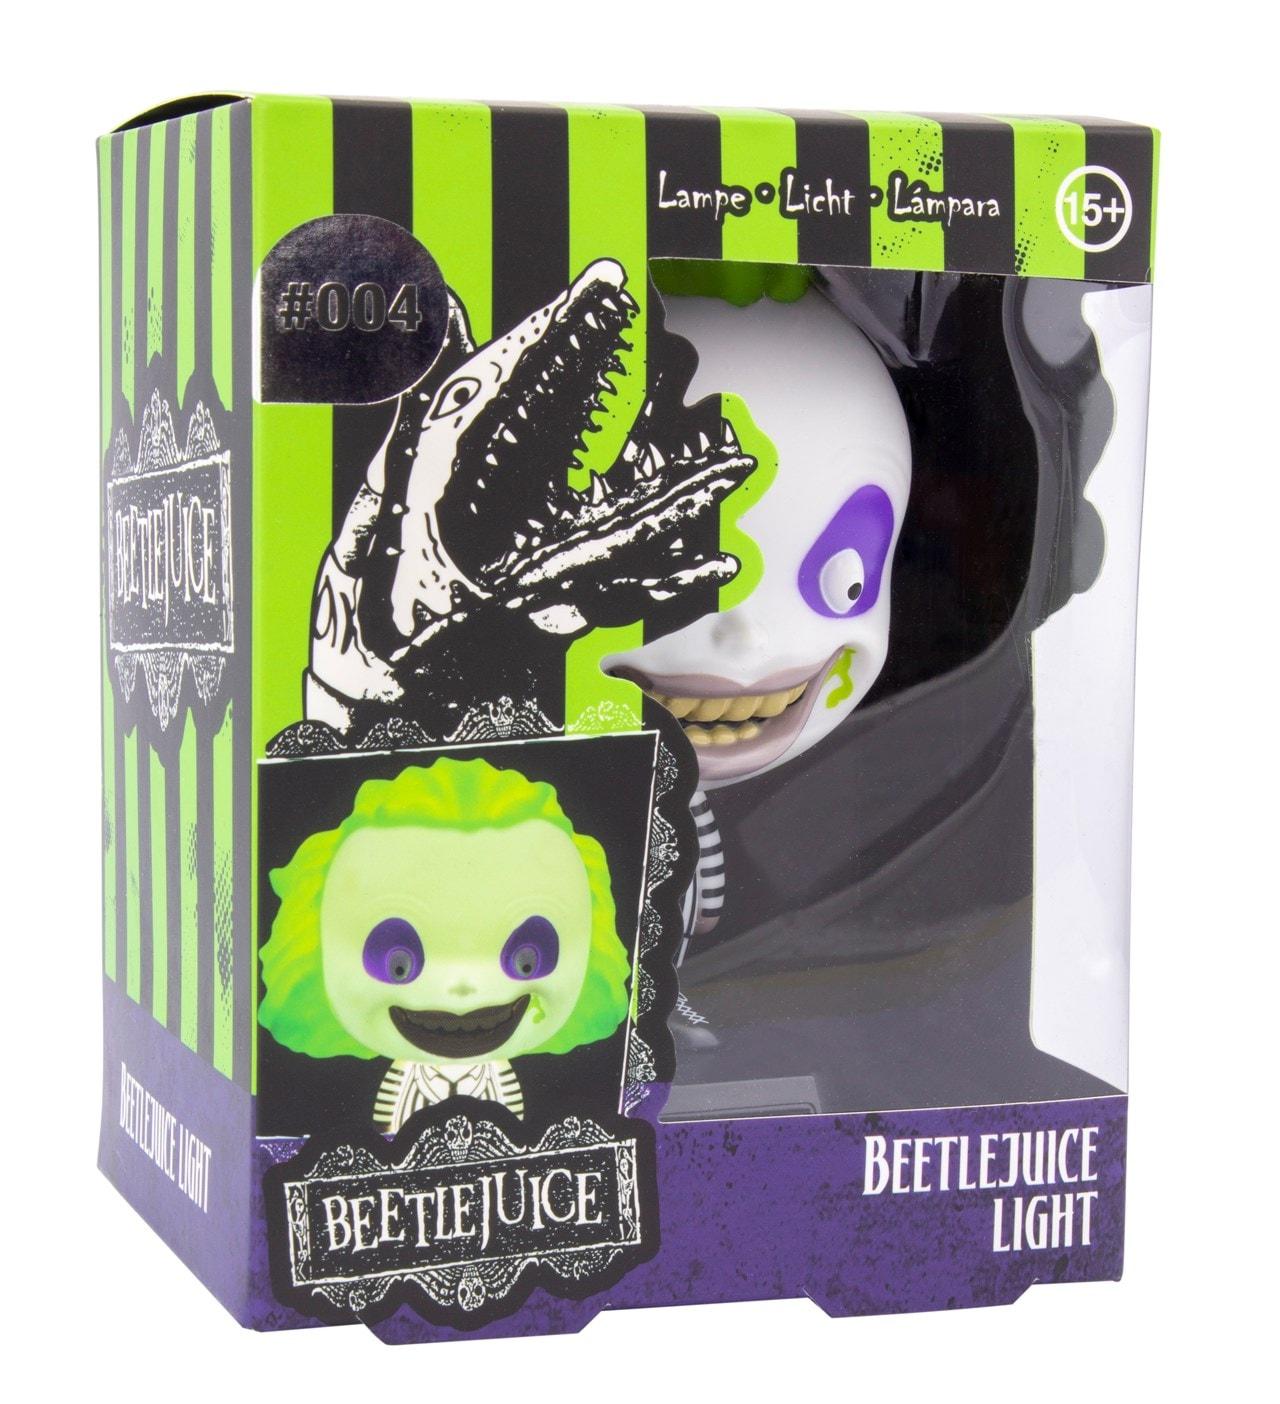 Beetlejuice Icon Light - 3